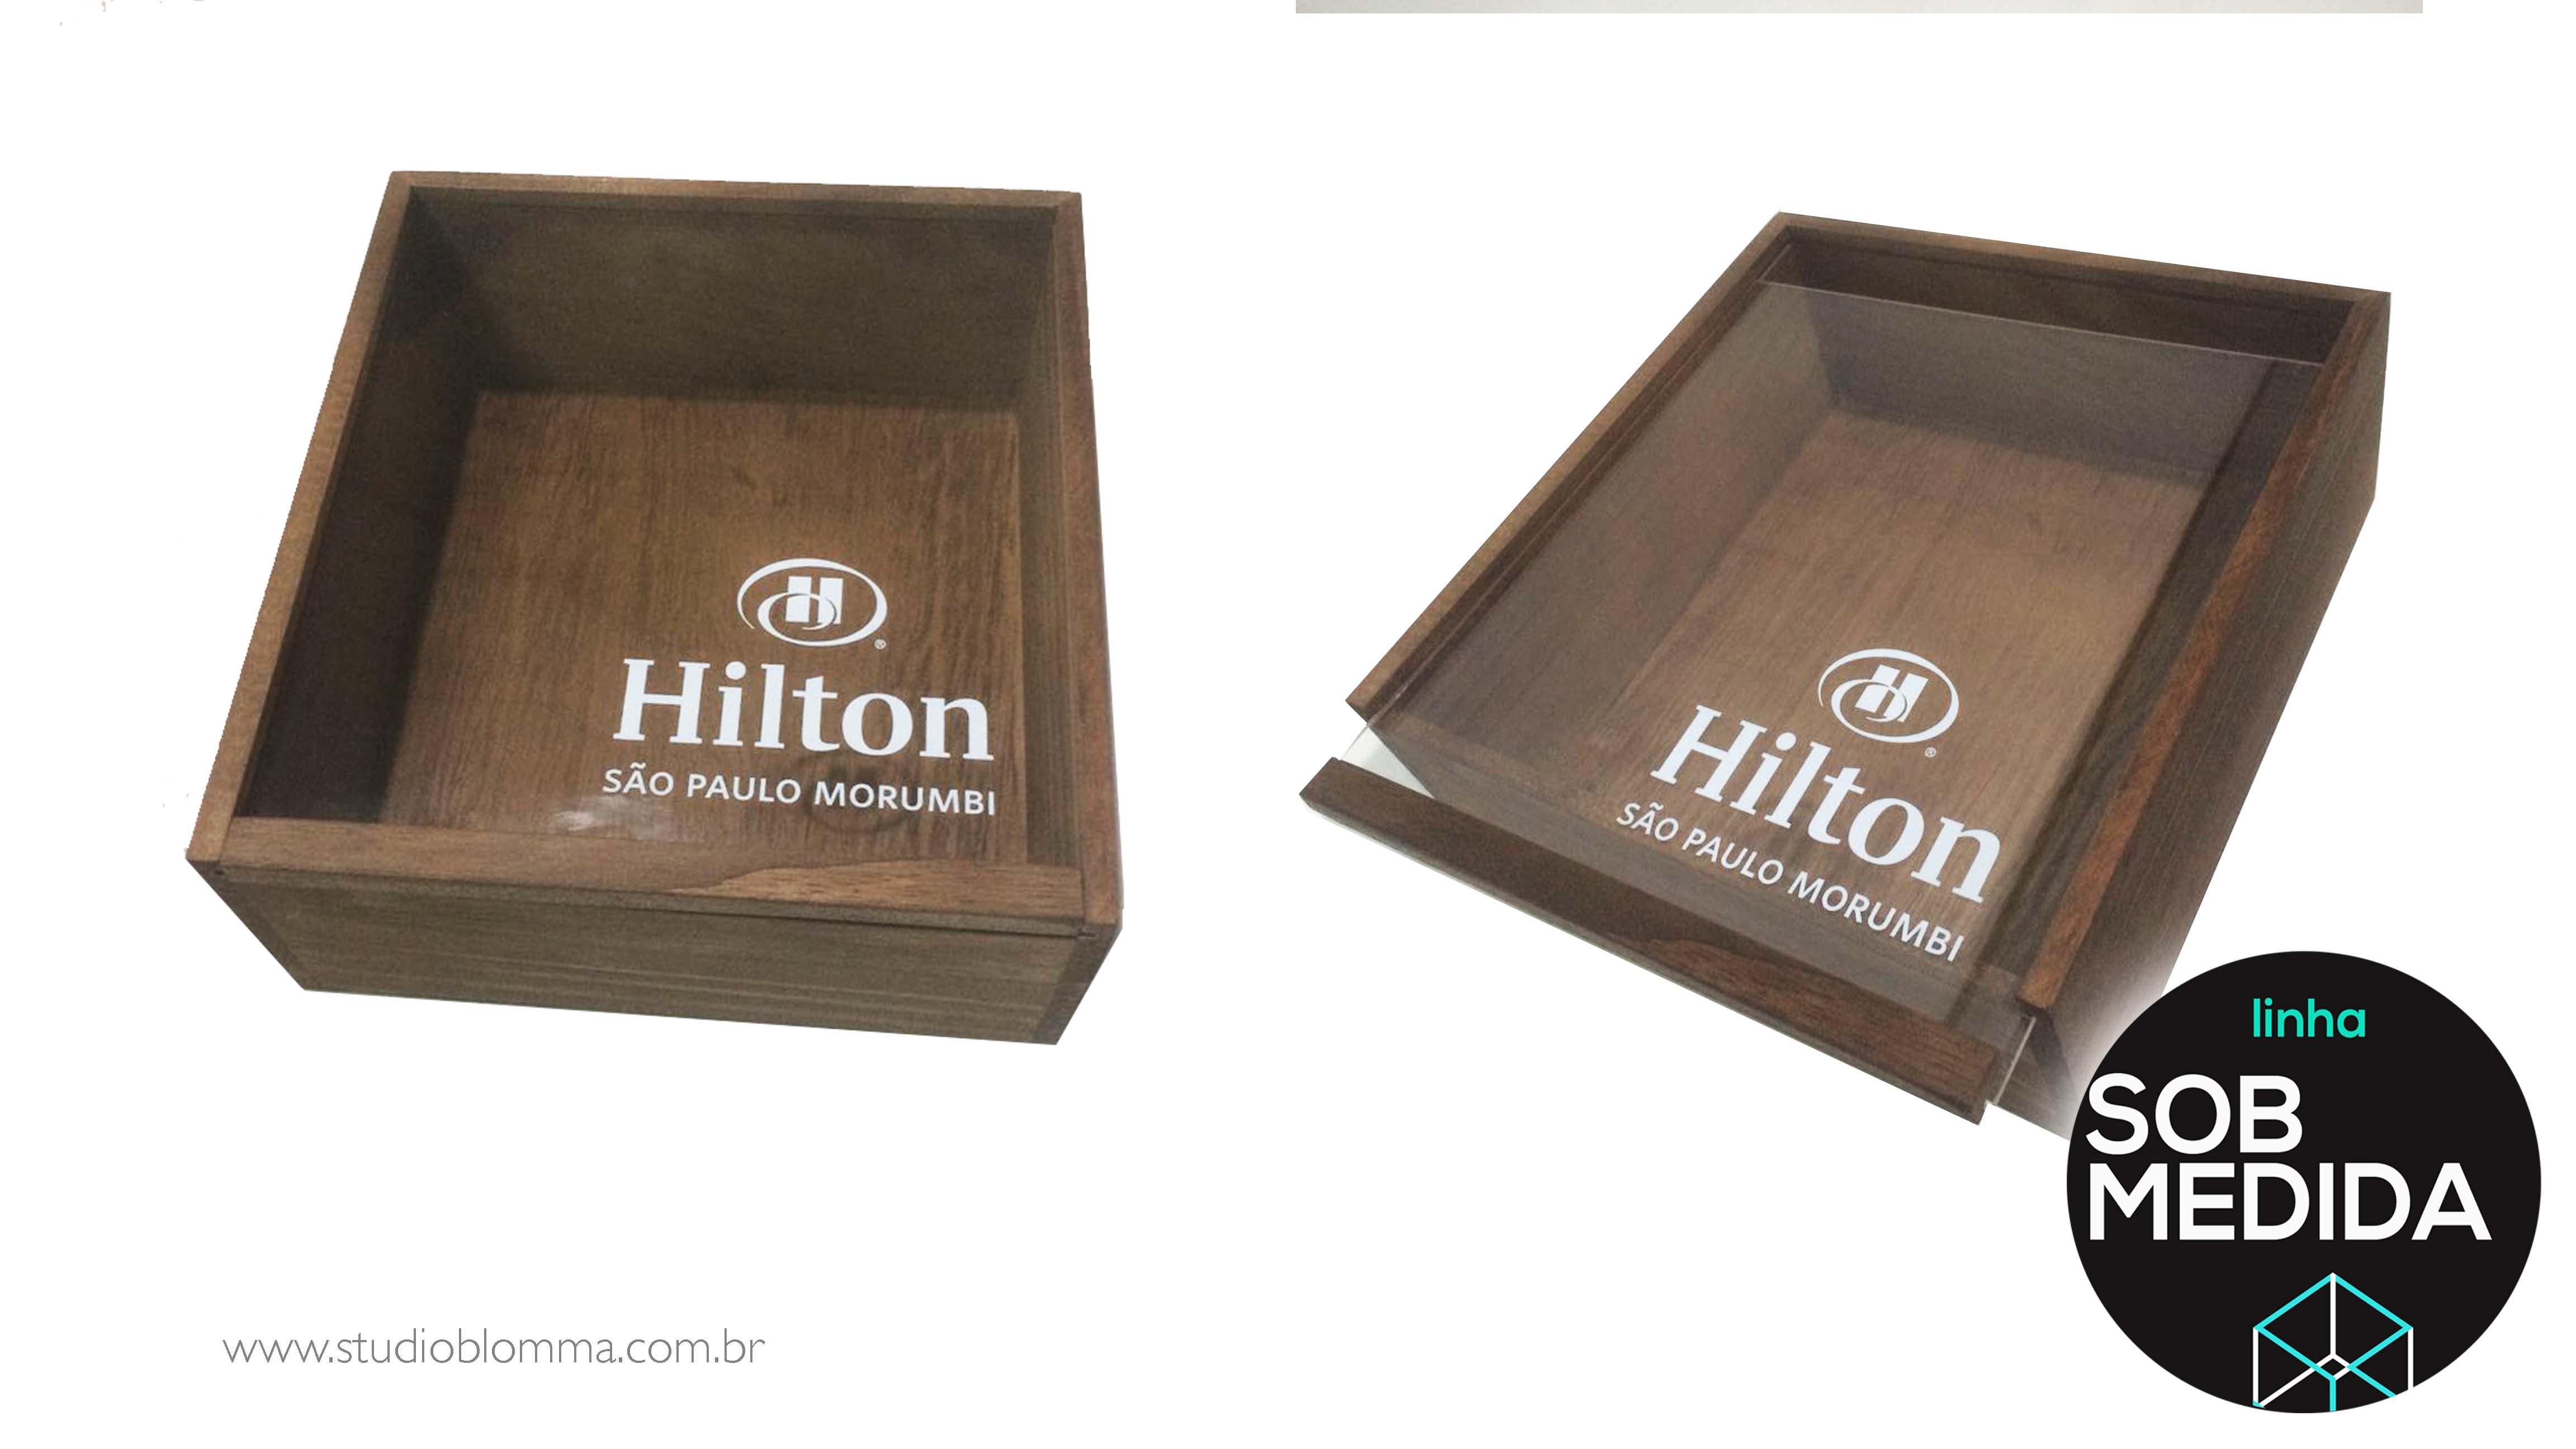 Hotéis Hilton